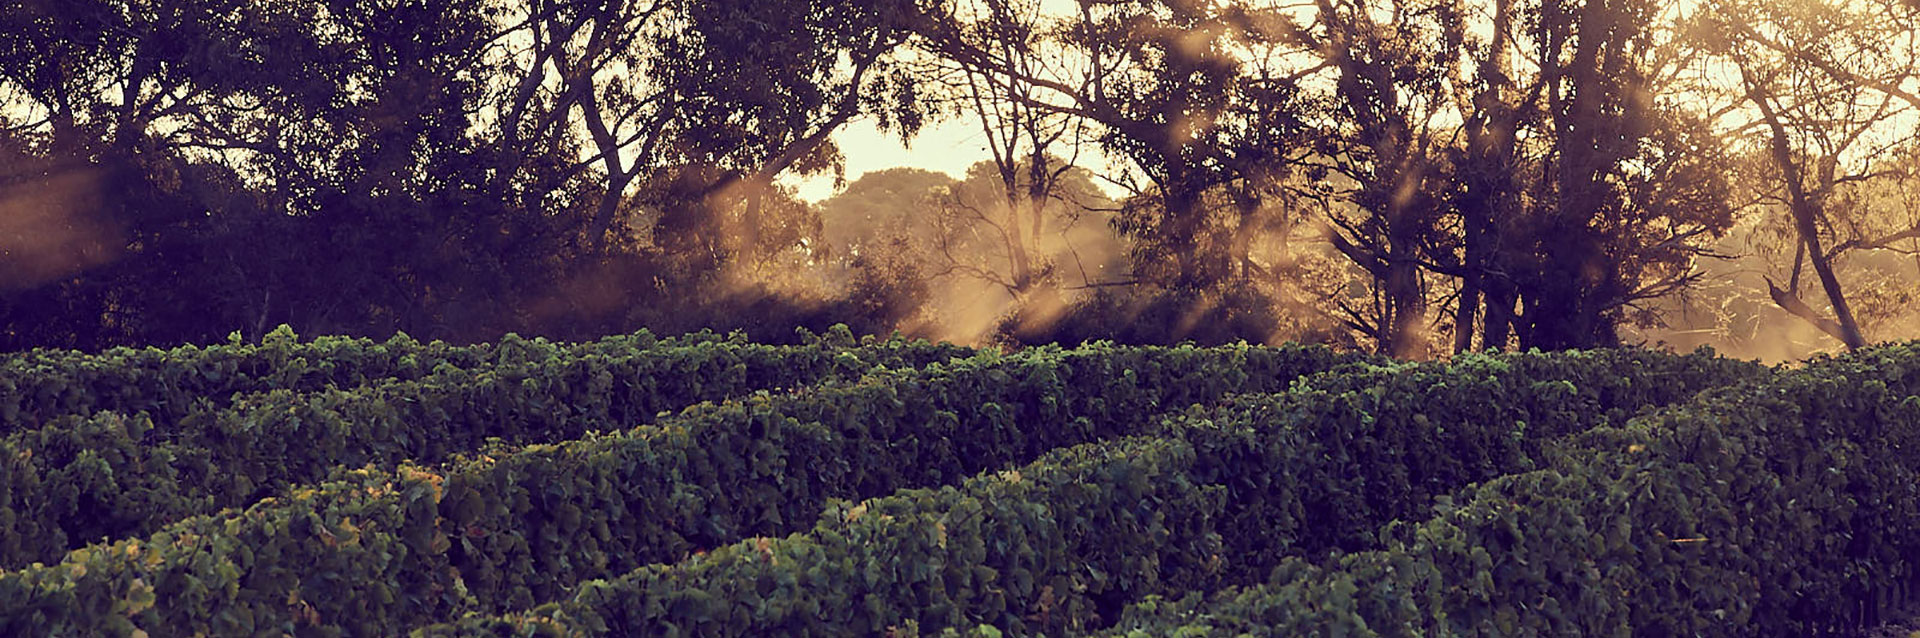 Llega la añada 2020 de Domaine de L'Ile, la vinícola de Chanel